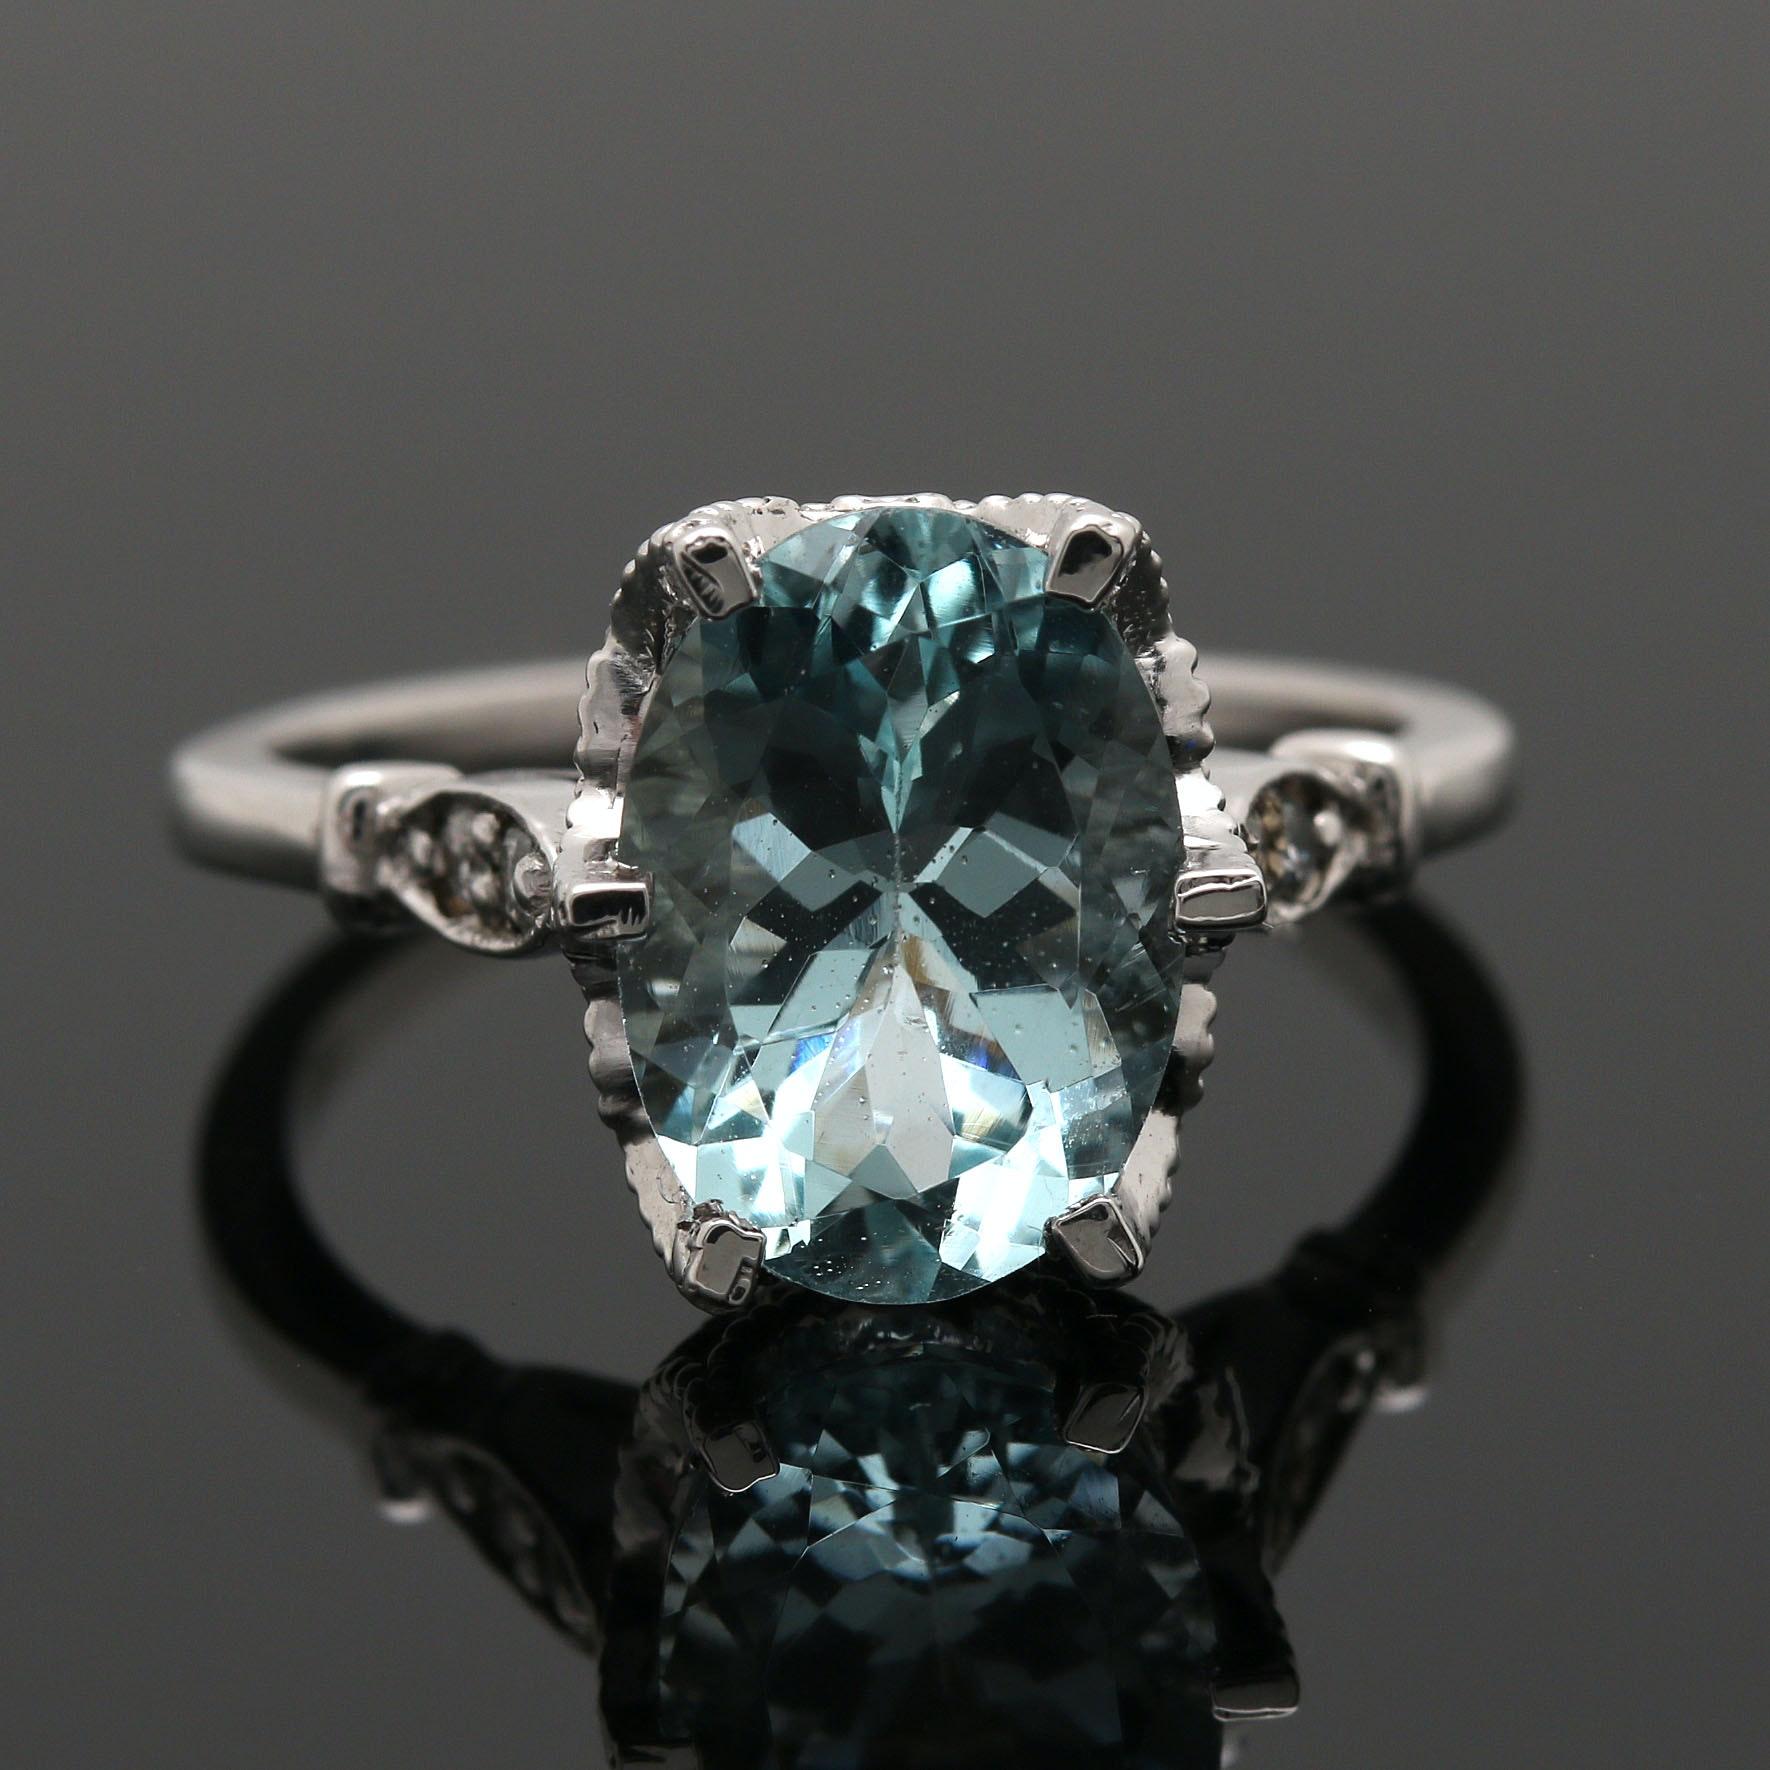 14K White Gold 2.81 CT Aquamarine and Diamond Ring